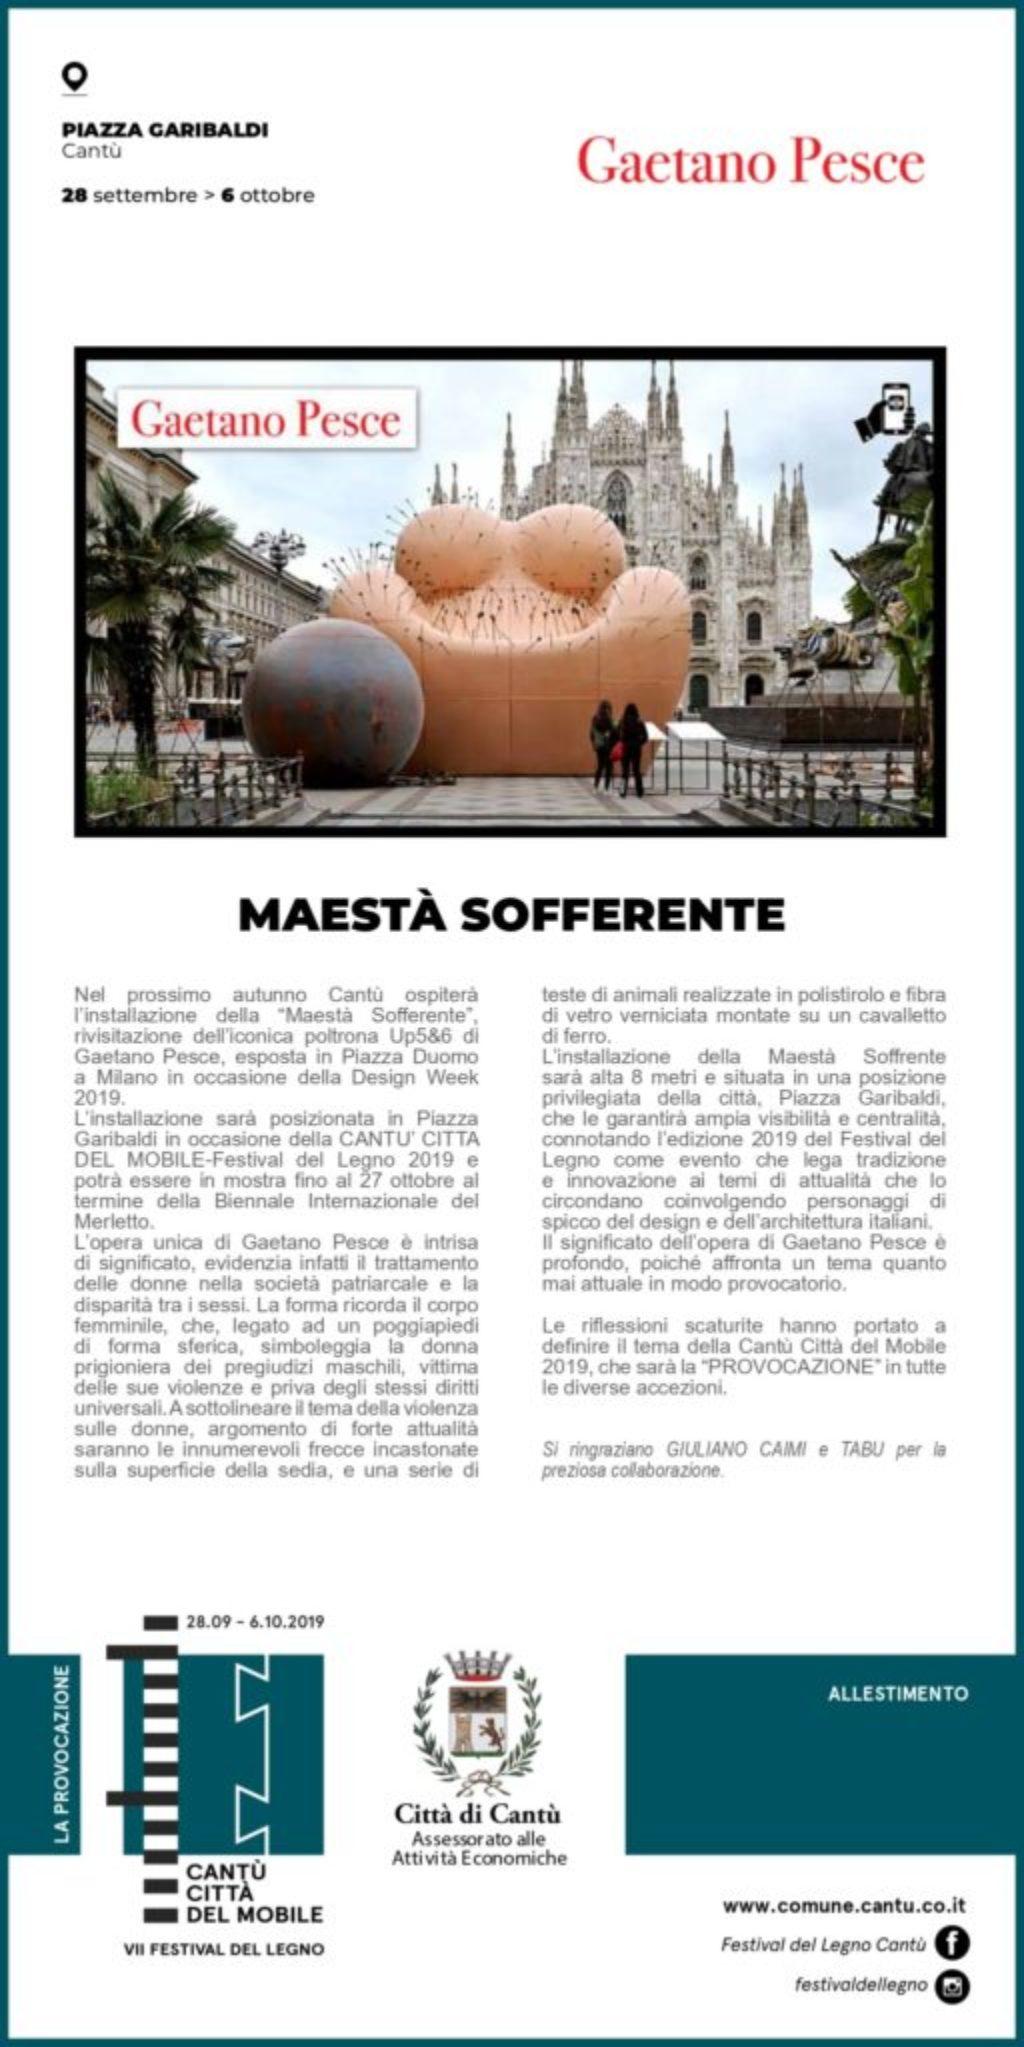 MAESTA SOFFERENTE FDL2019_grafica_locandine_20_page-0001